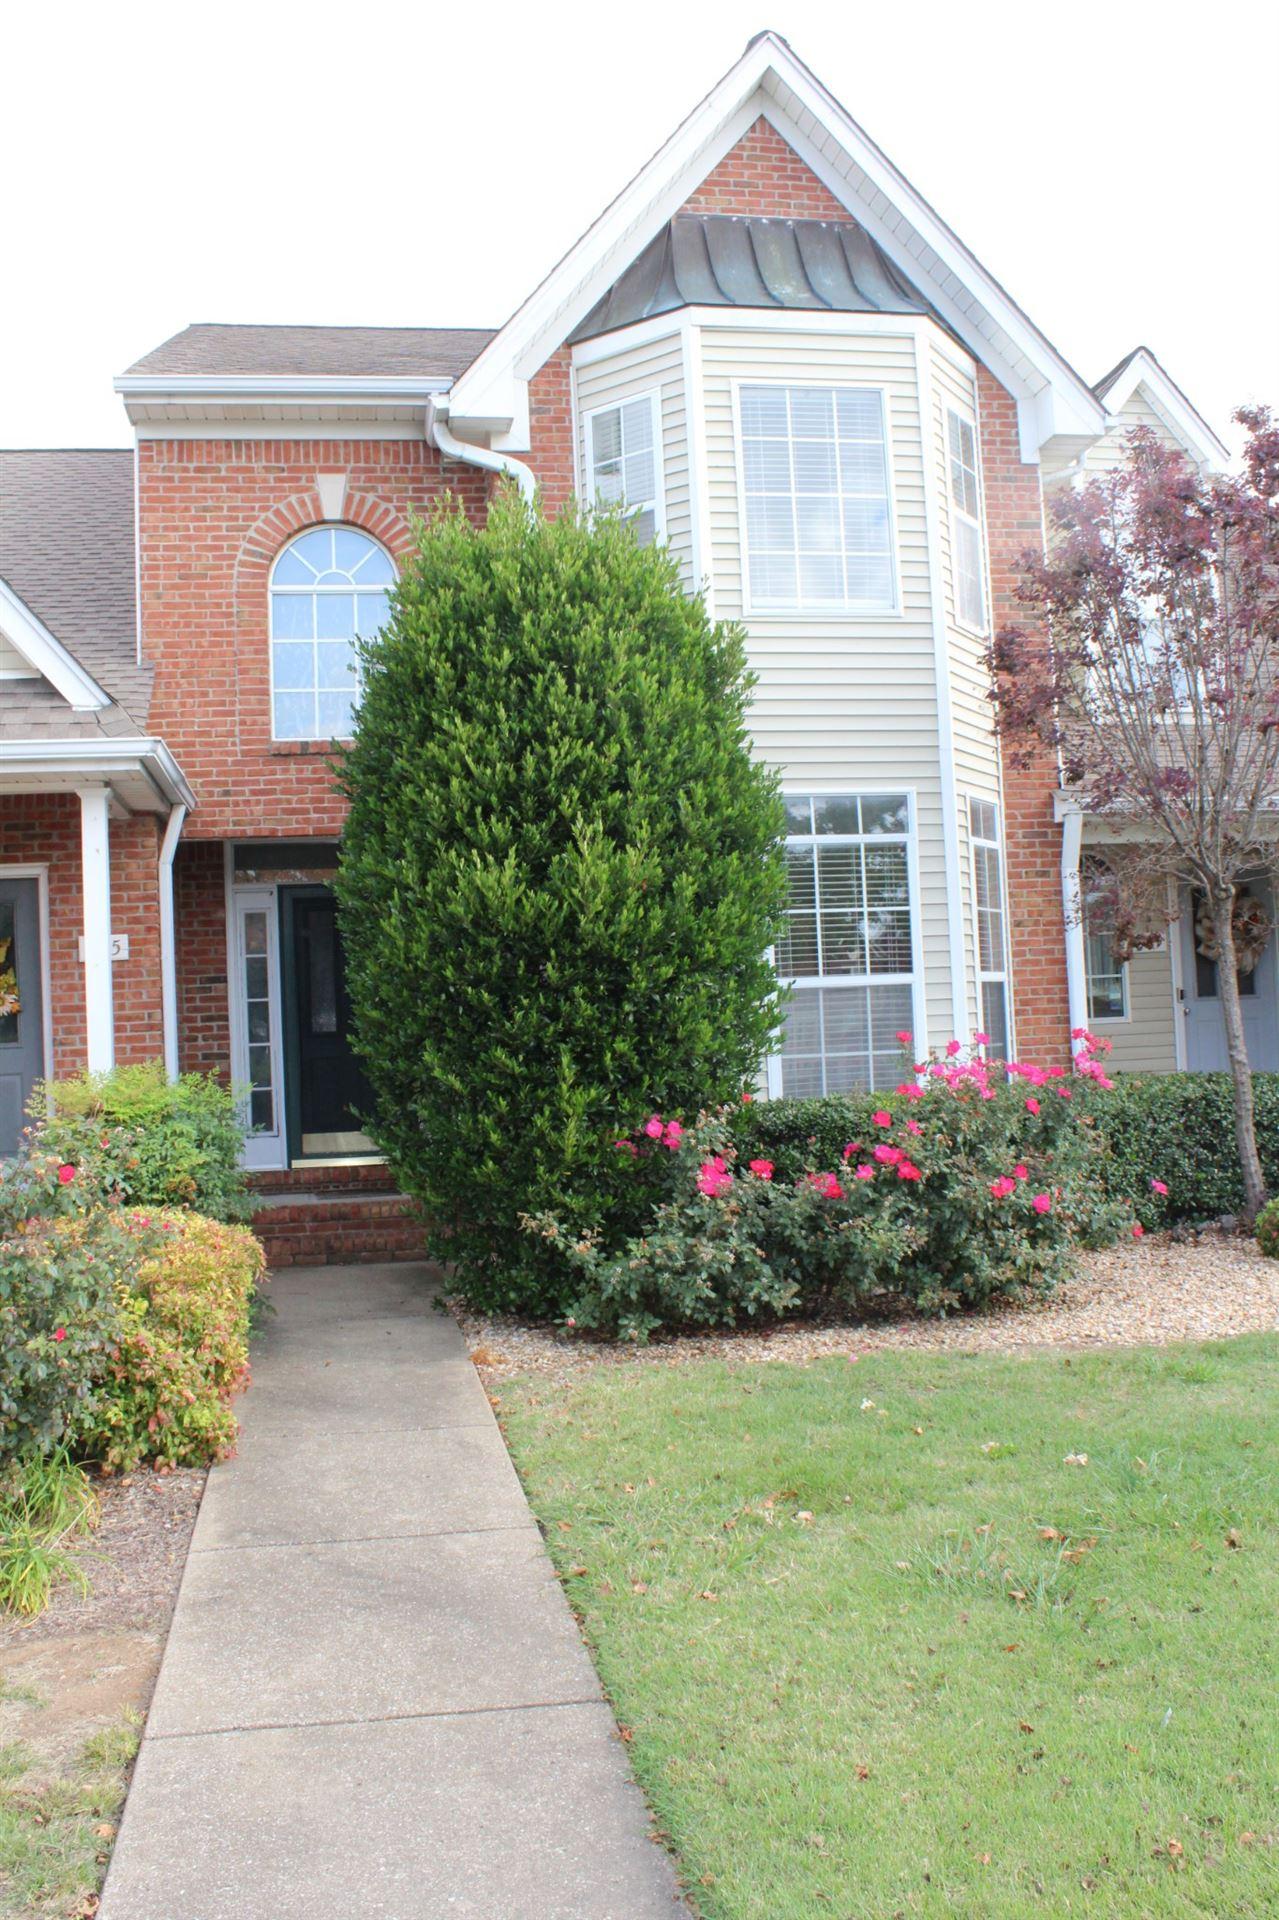 327 Calumet Trce #327, Murfreesboro, TN 37127 - MLS#: 2200942